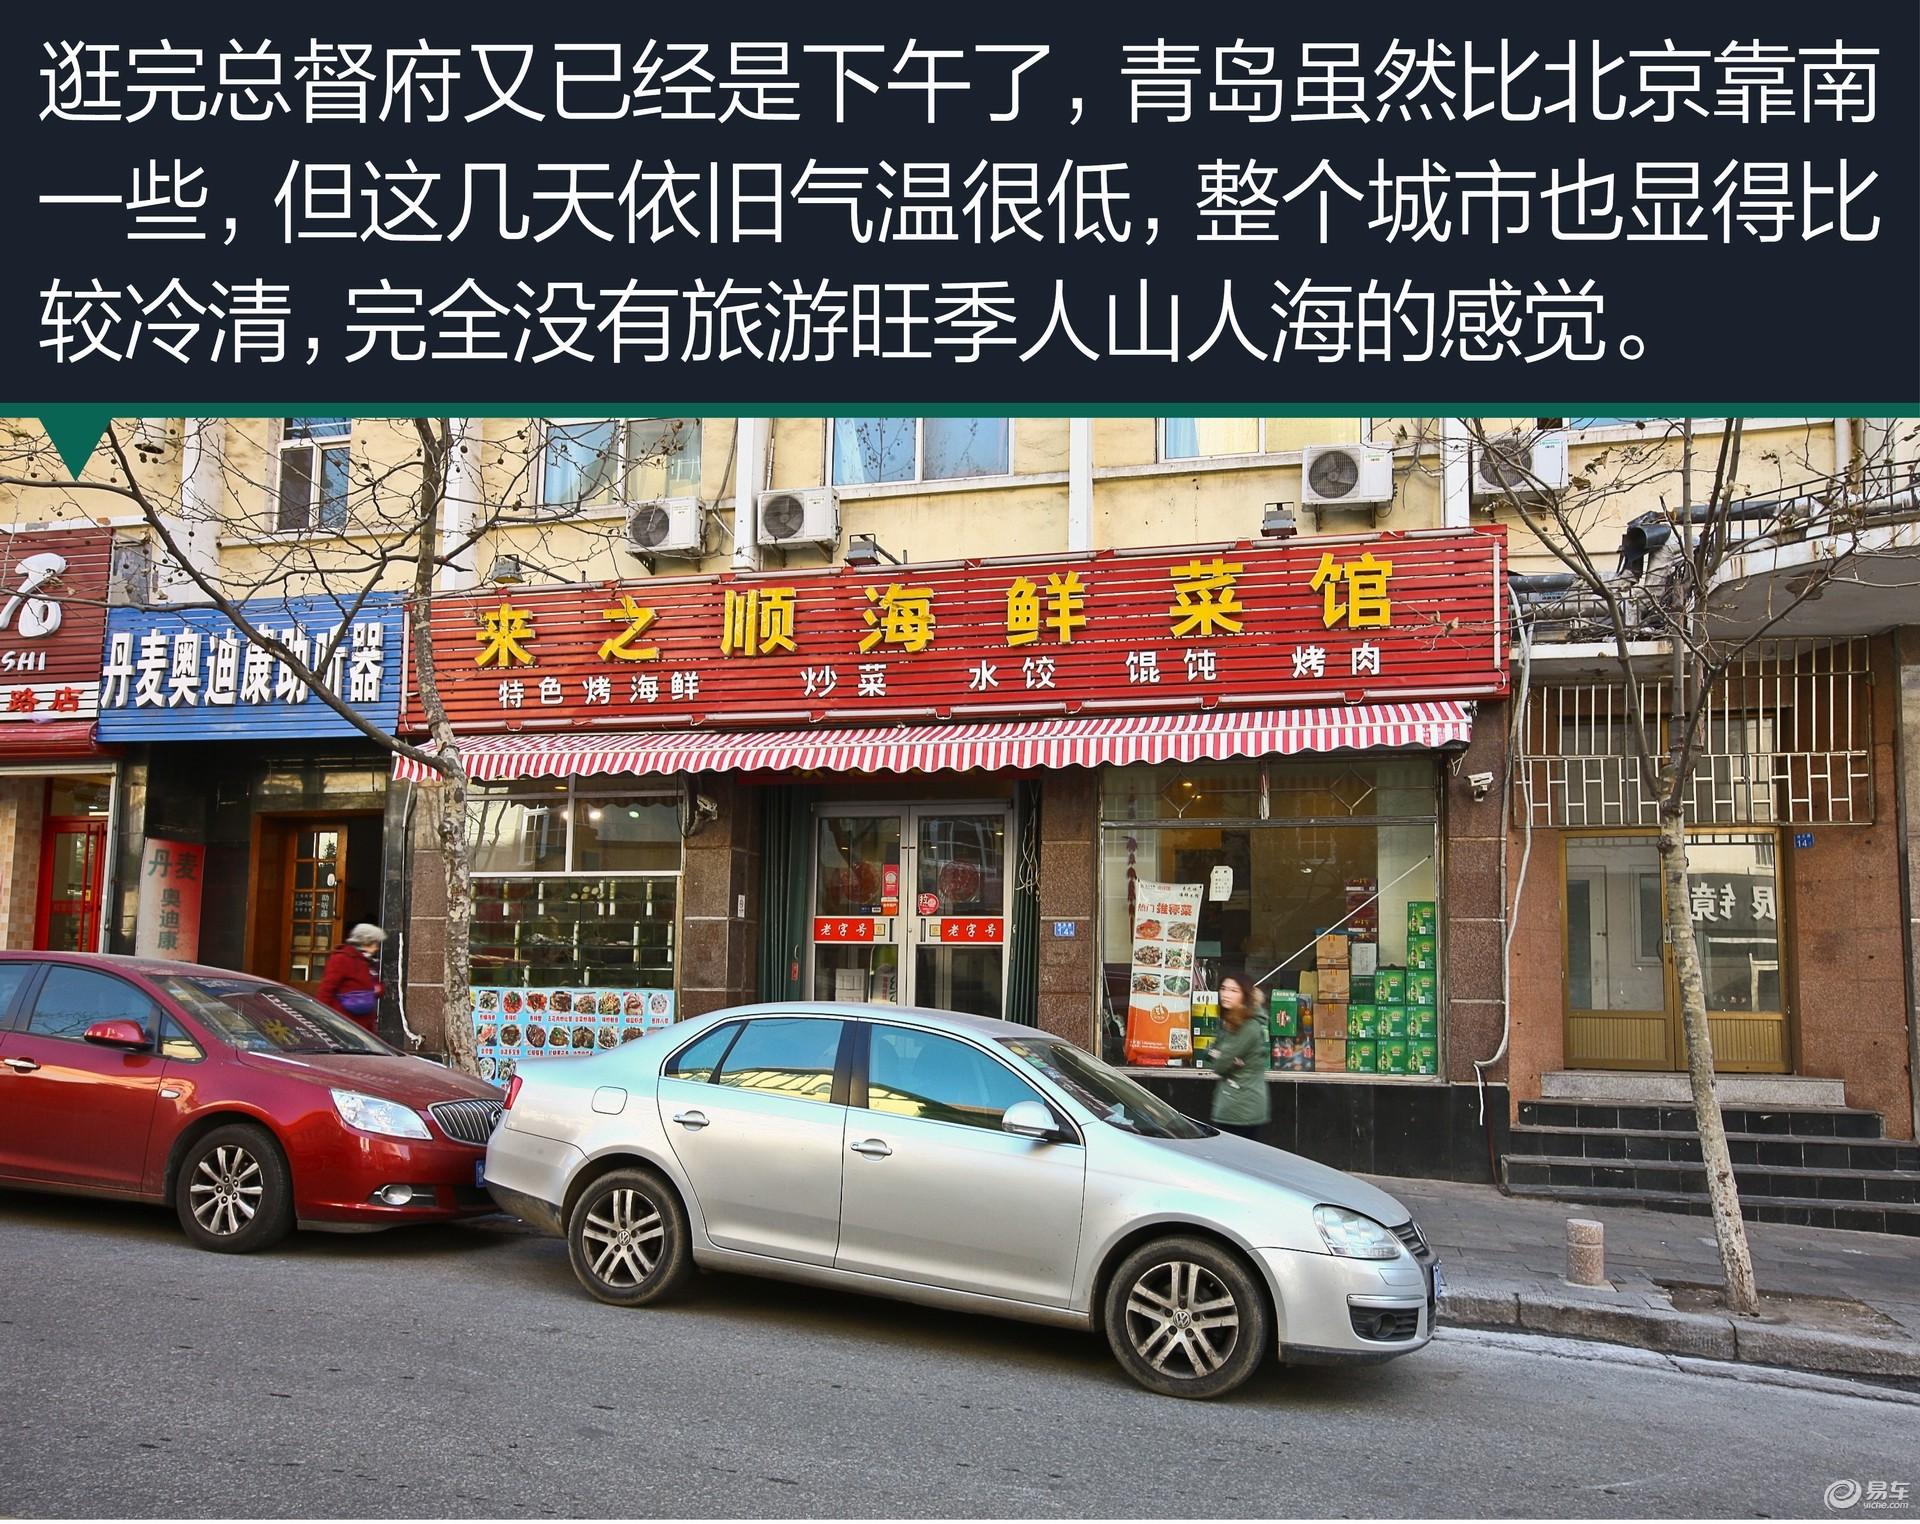 【图文】美女车主驾驶东风标致308s京沪游记(下)